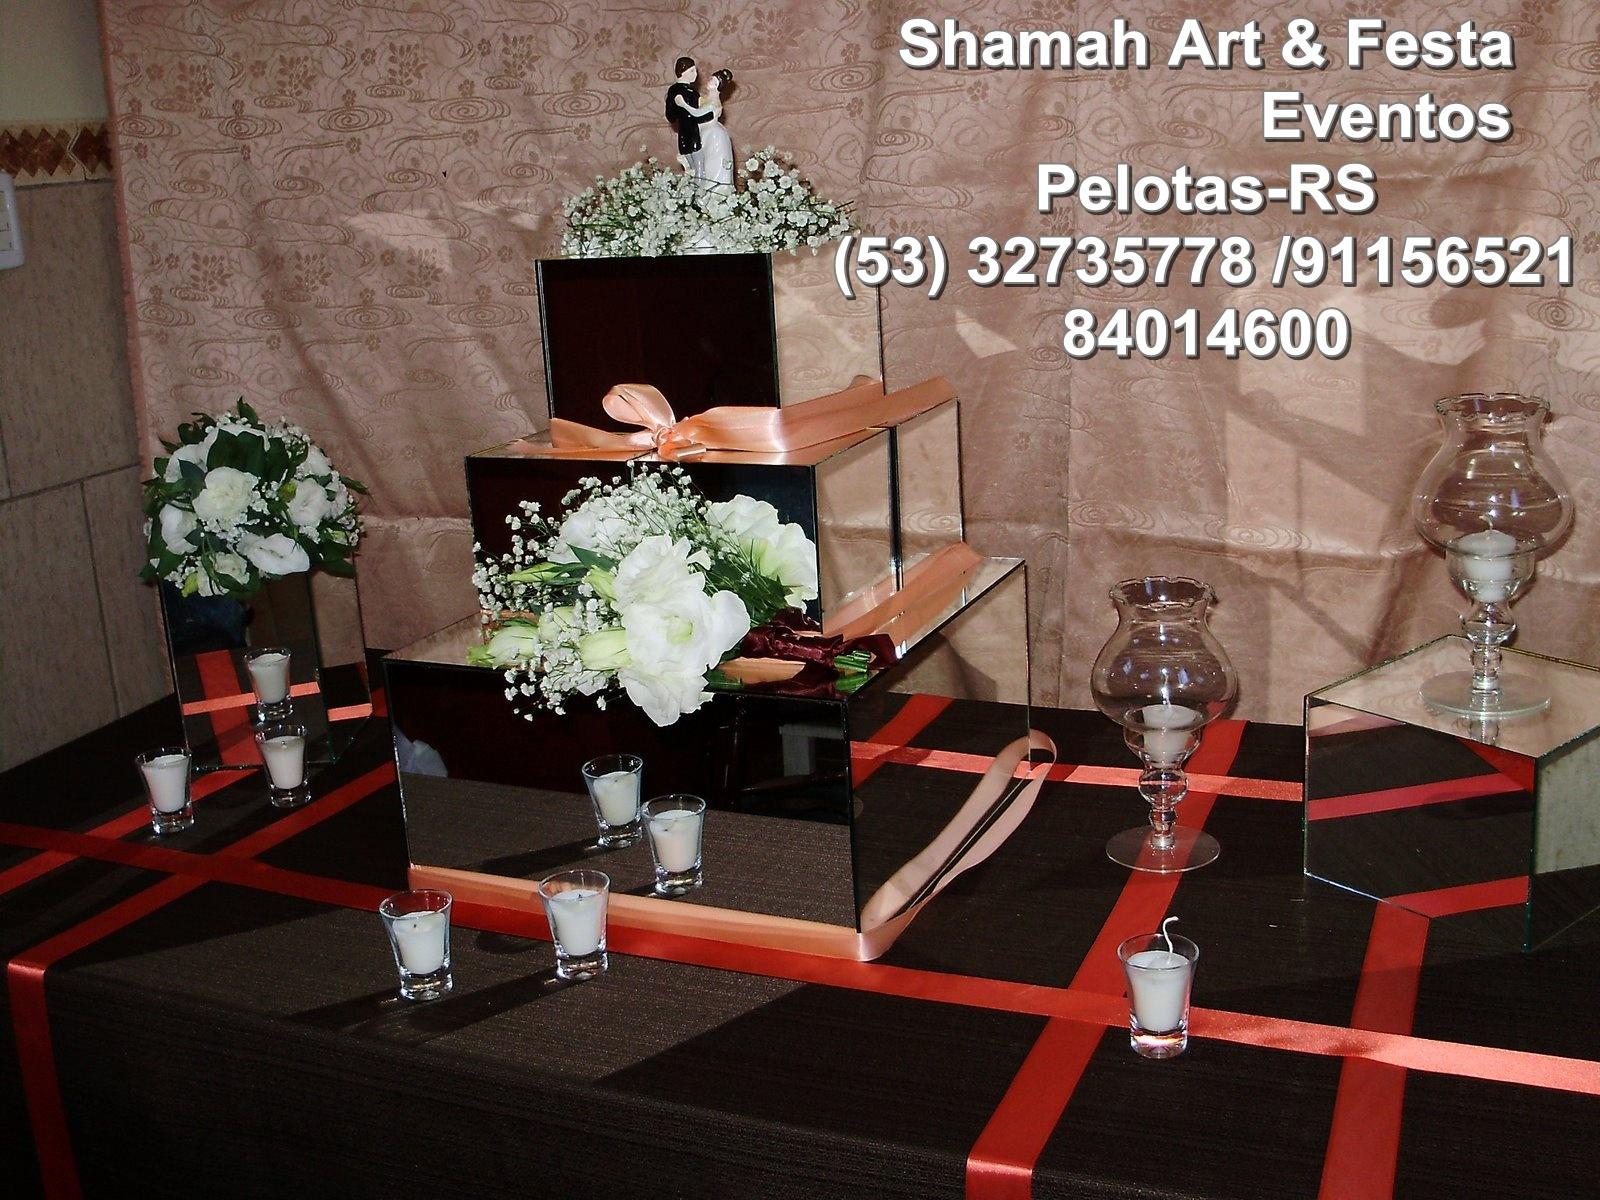 Pelotas mesa do bolo marron e salmão  decoração para casamento